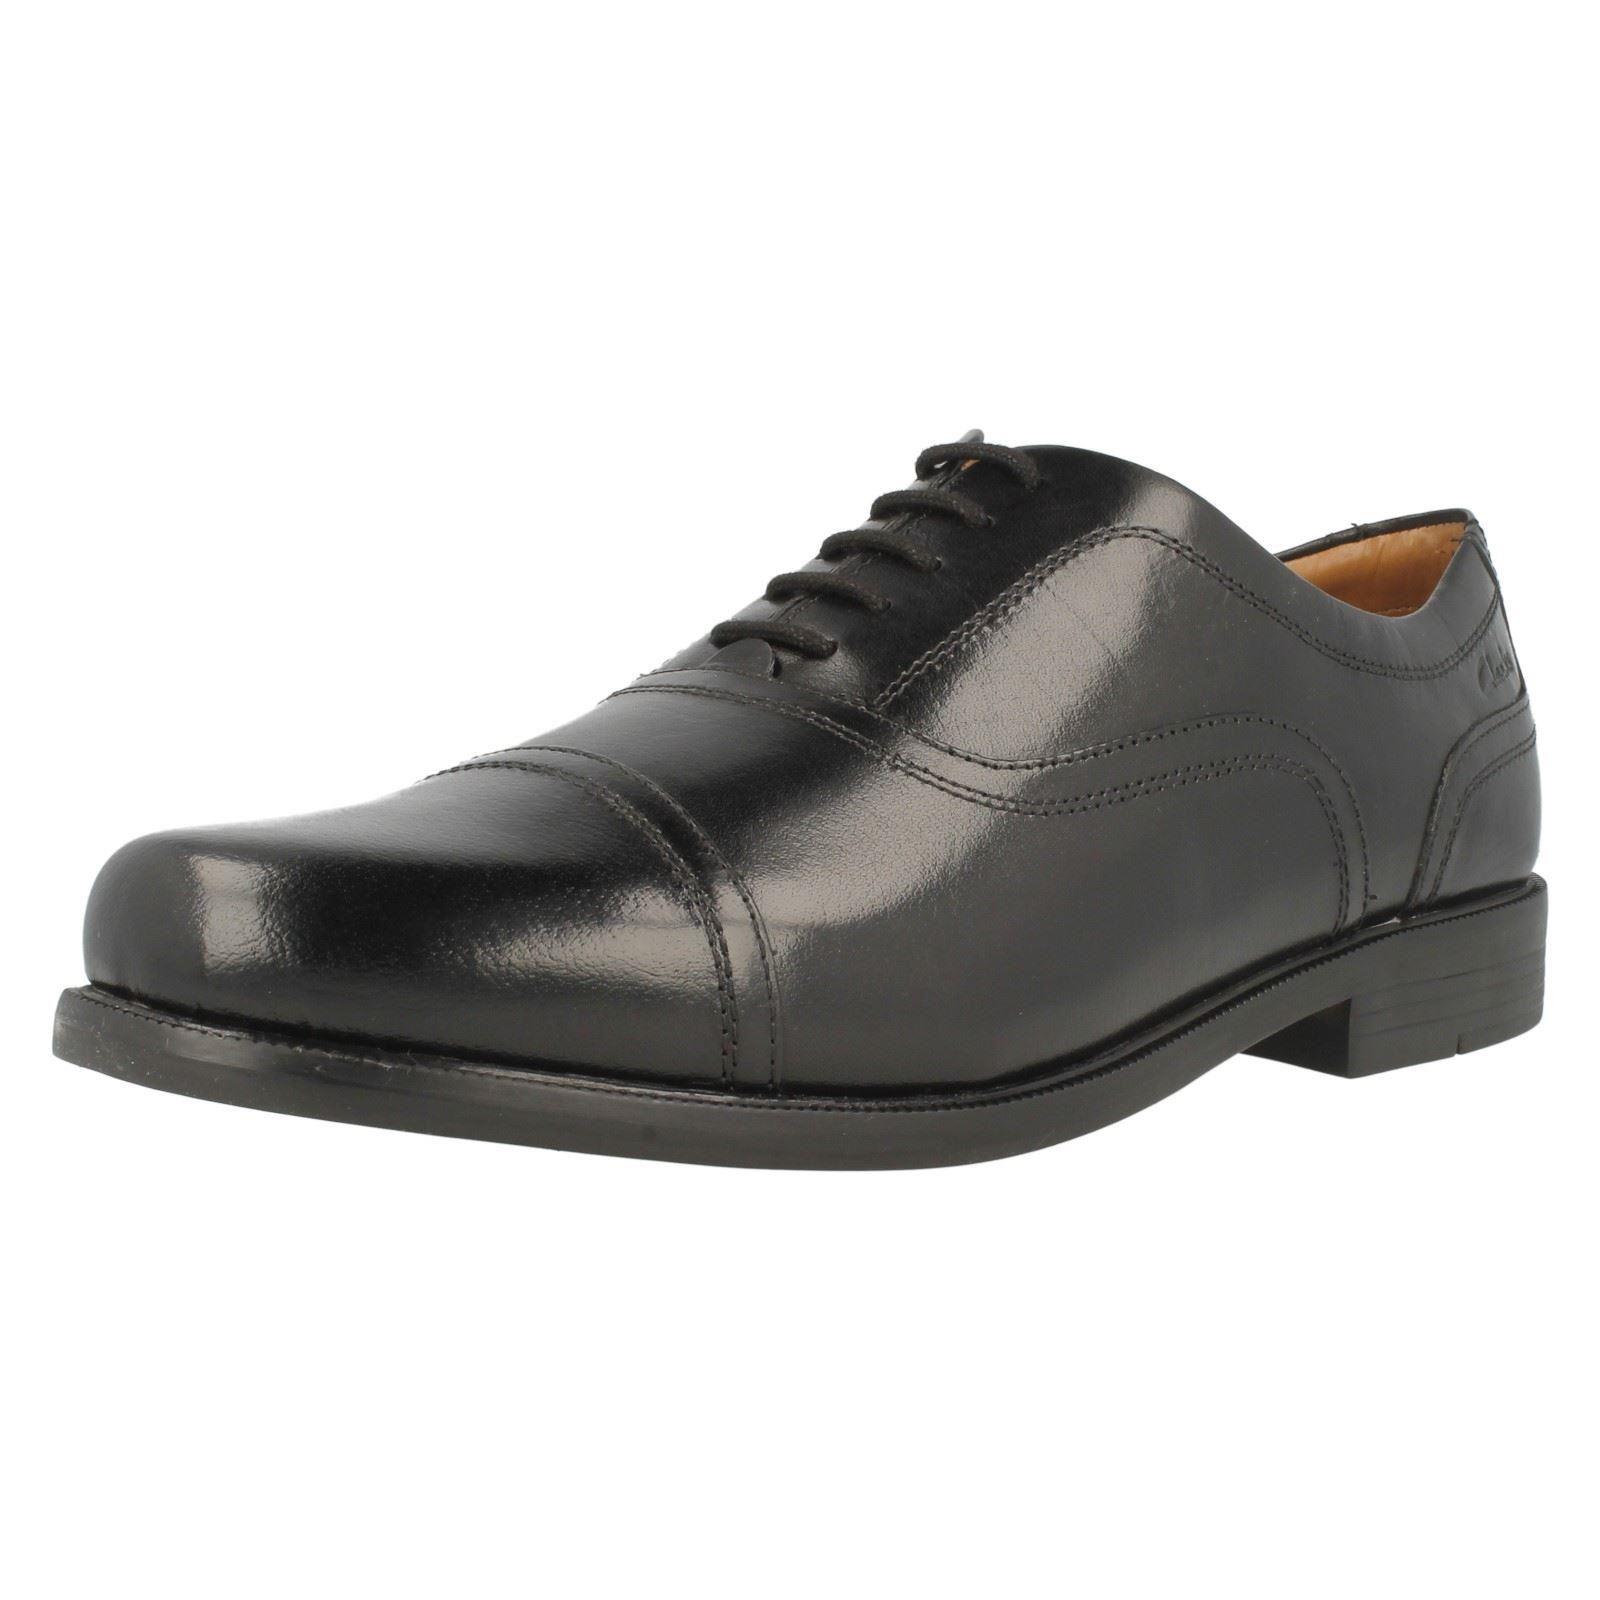 Tiempo limitado especial Zapatos de hombre Slip On formal Clarks Beeston Cap